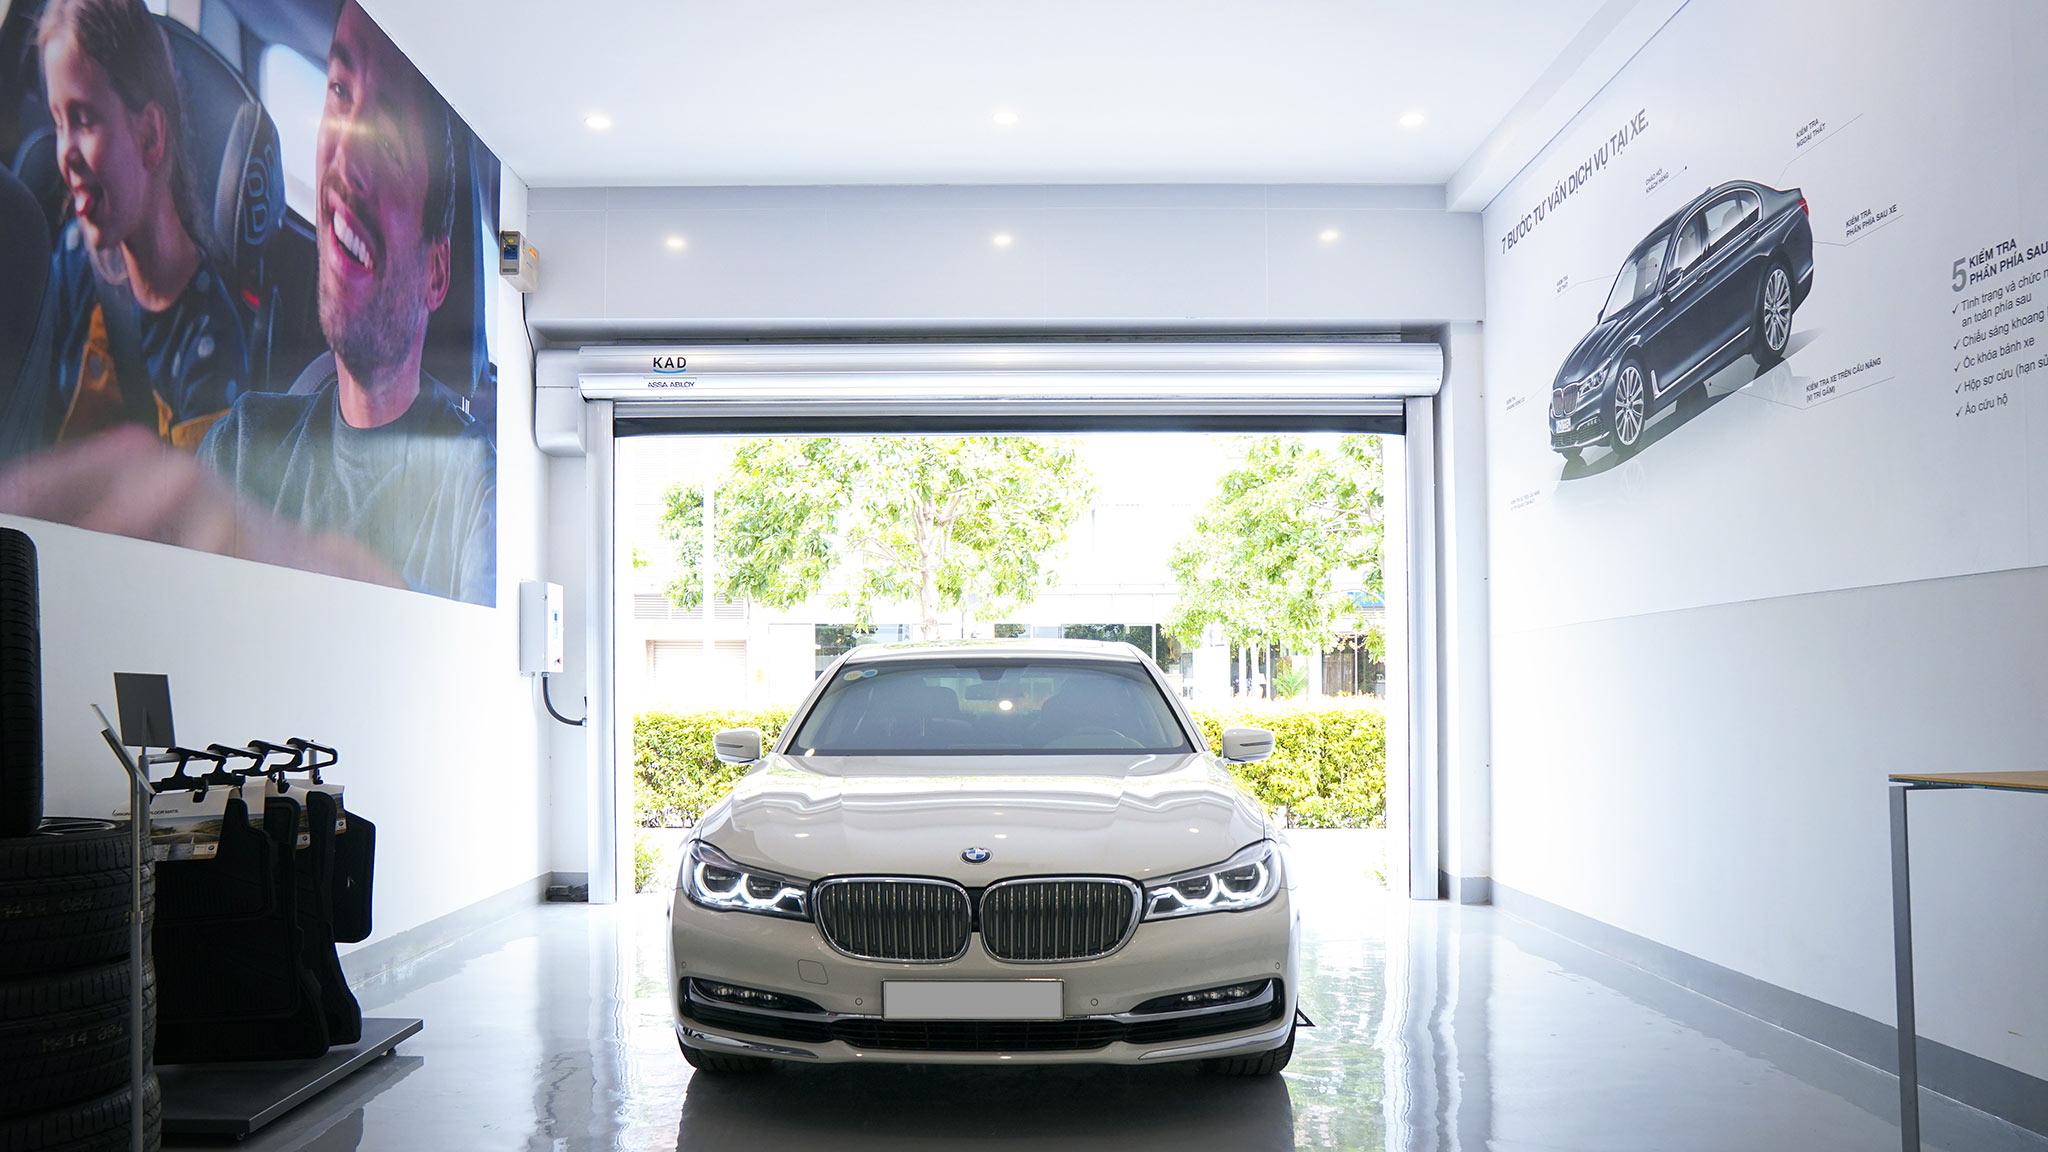 Dịch vụ BMW chính hãng: Đẳng cấp xứng tầm thương hiệu bmw-services-05.jpg